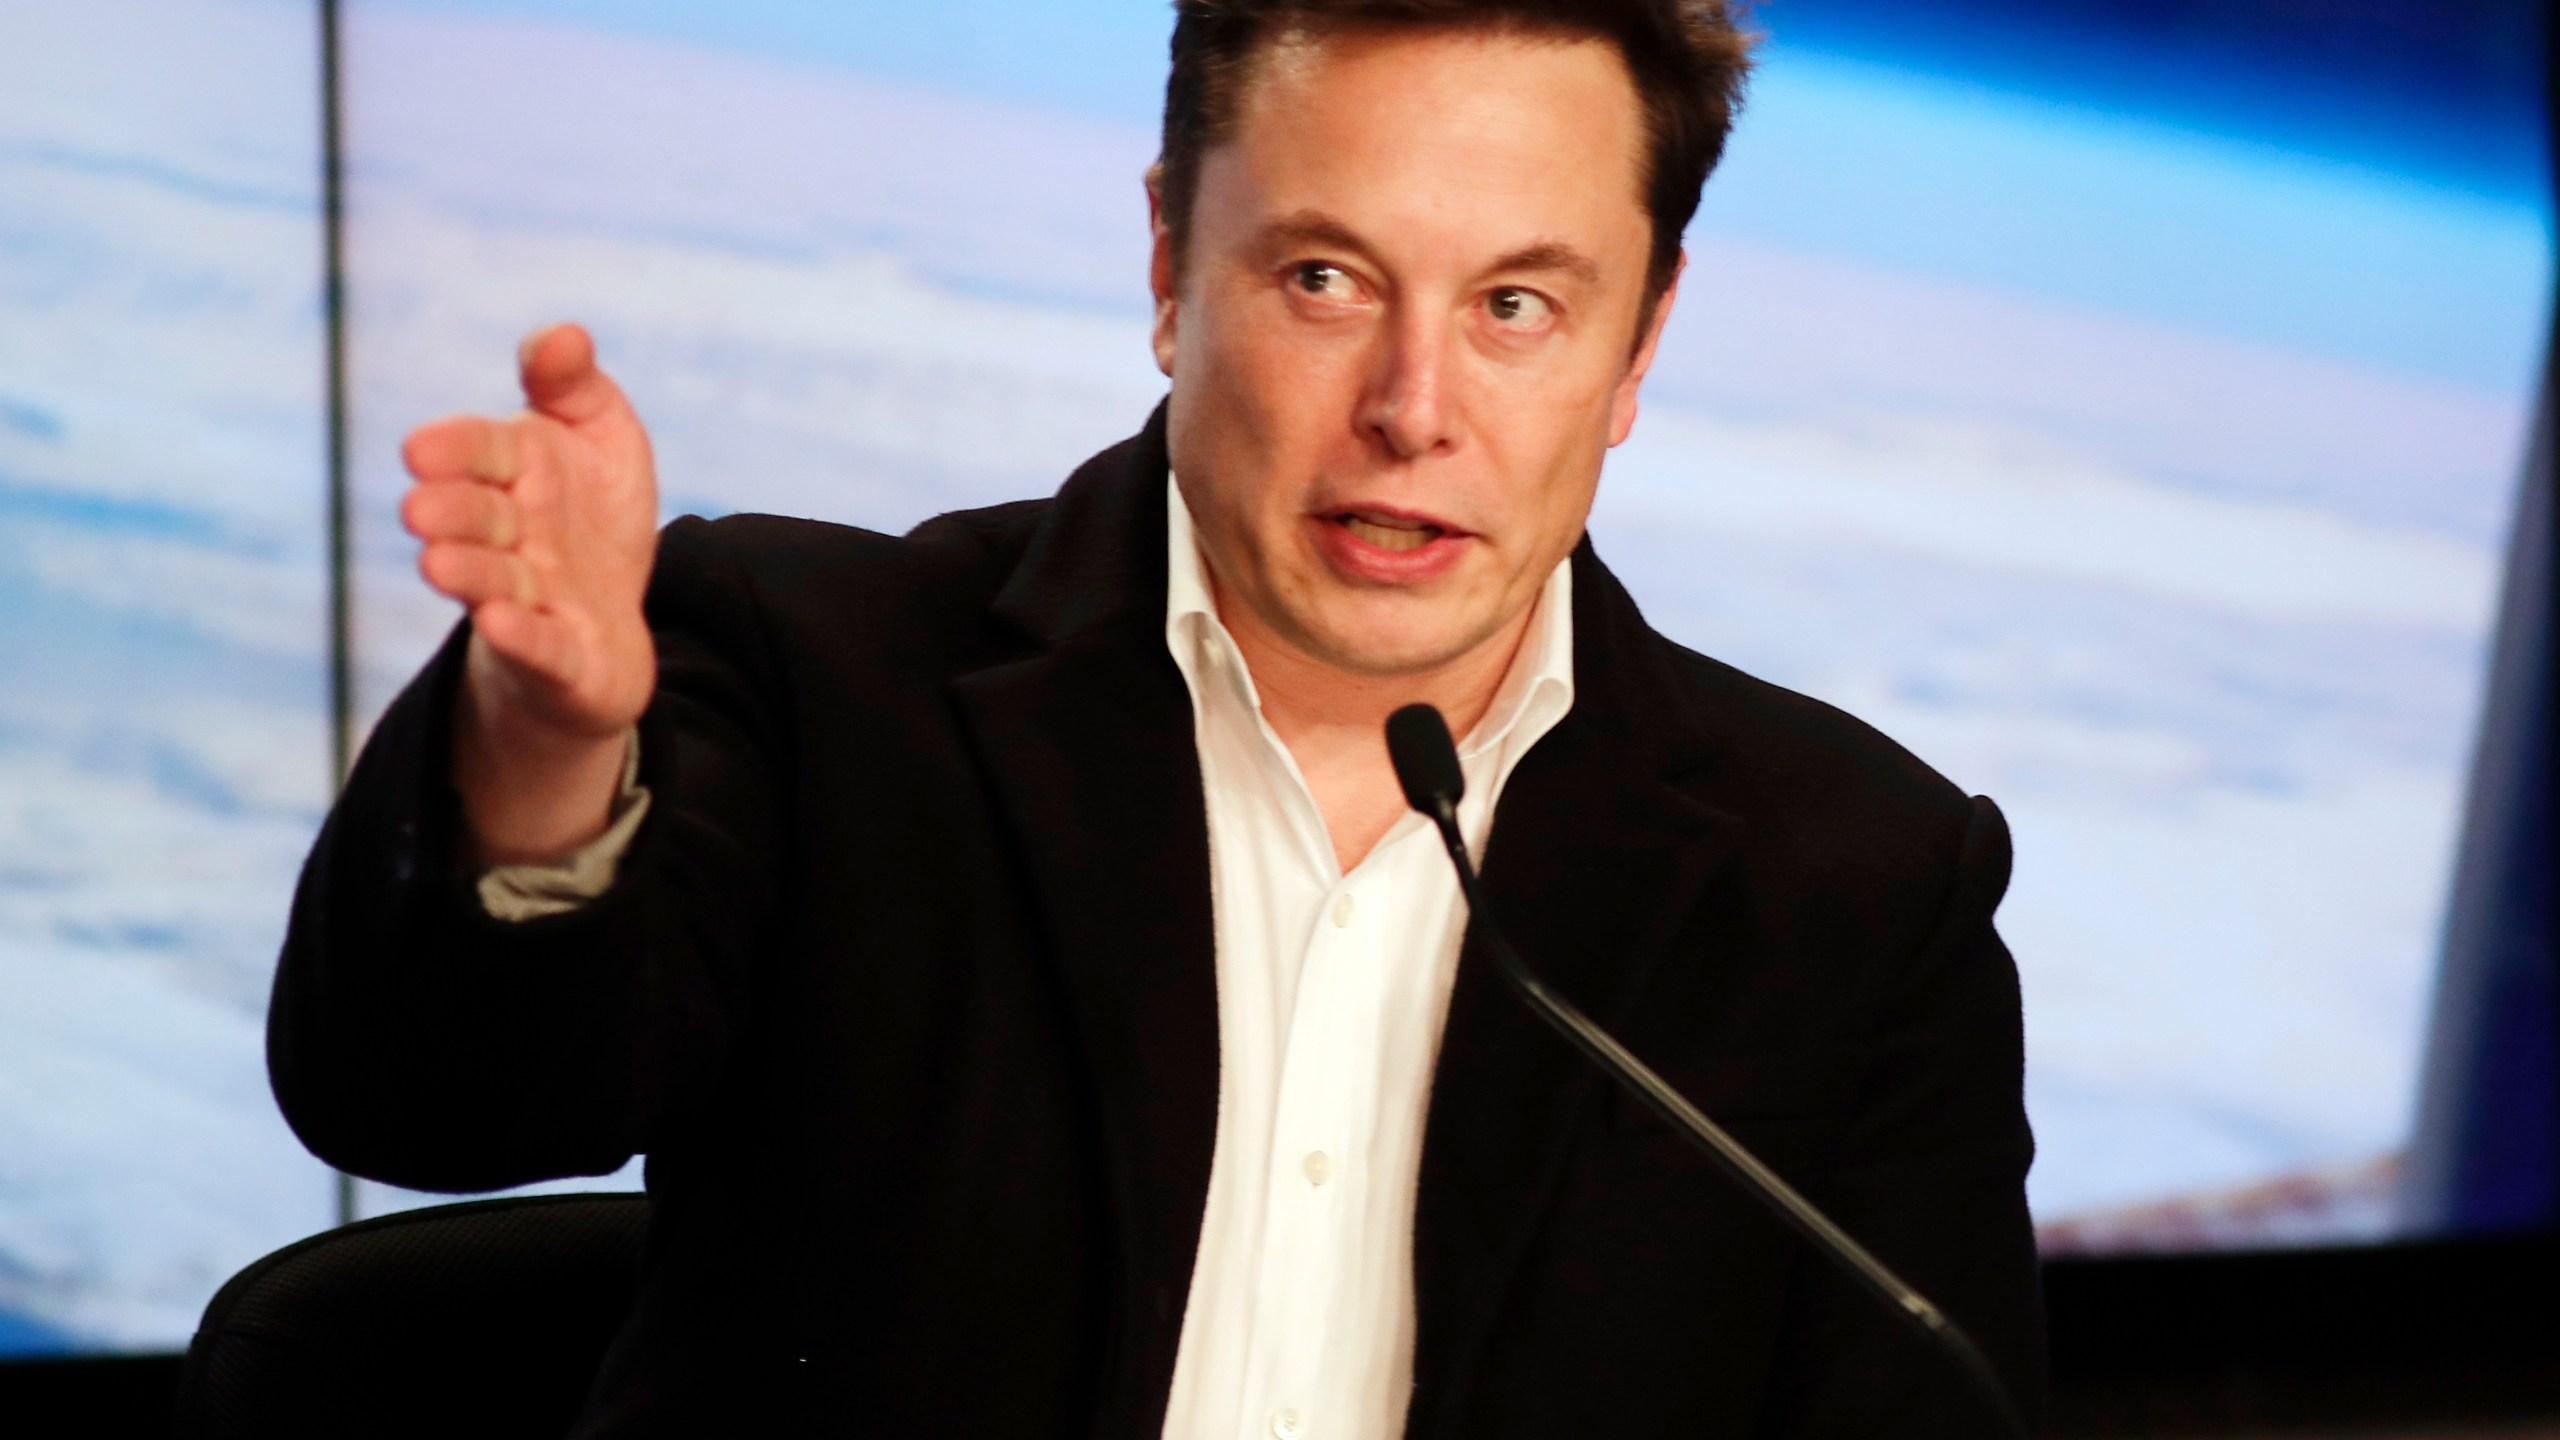 Tesla_Board_11947-159532.jpg76251849